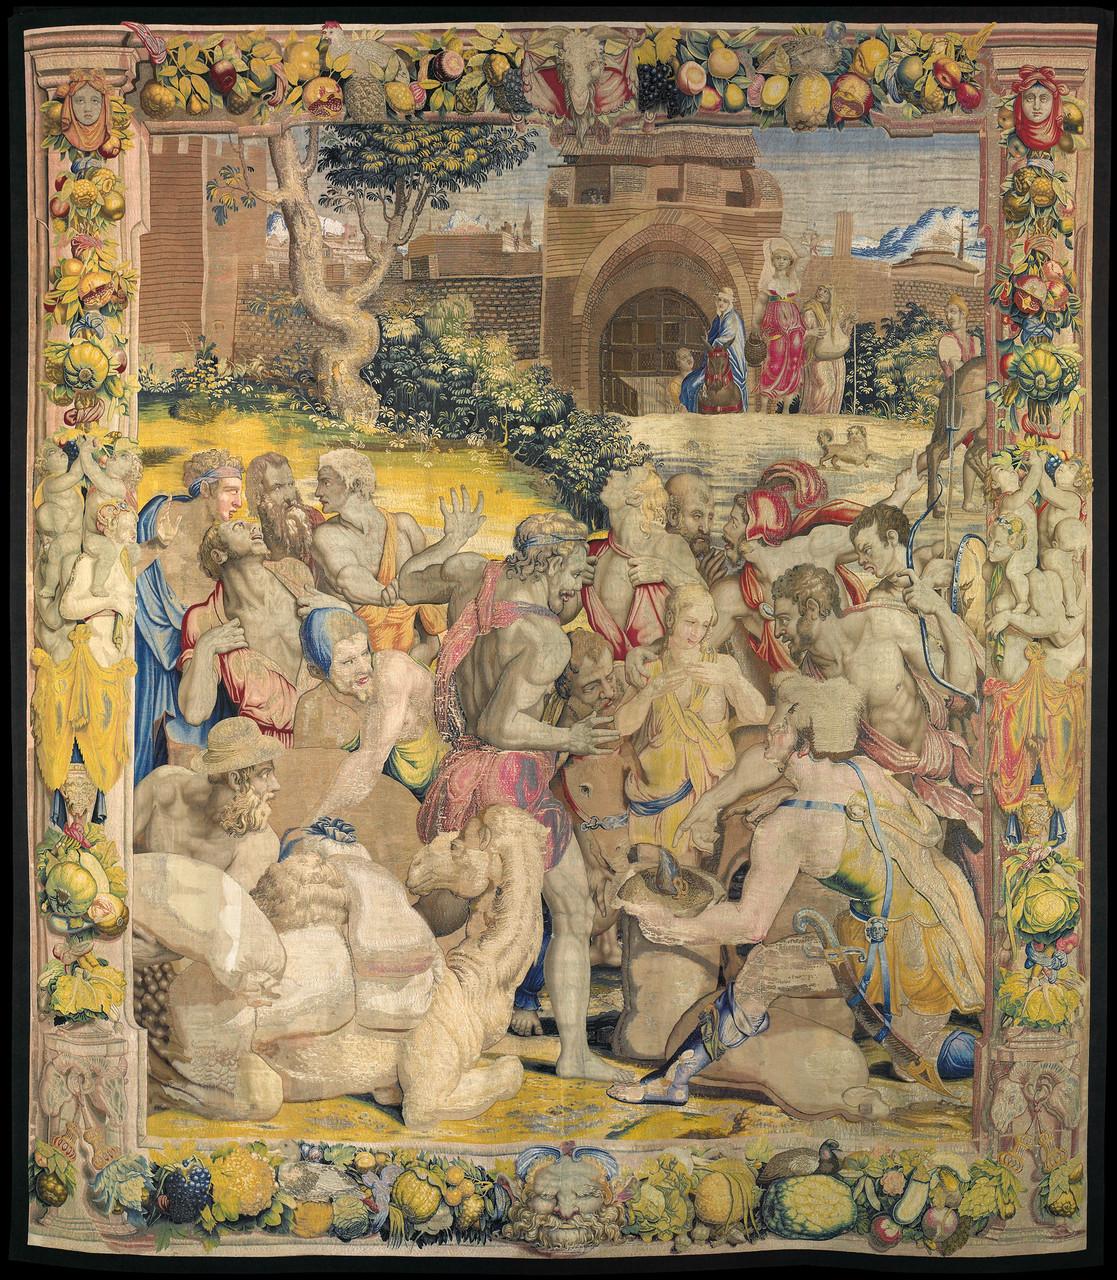 La coppa di Giuseppe ritrovata nel sacco di Beniamino, 1550-1553 disegno e cartone di Agnolo Bronzino atelier di Nicolas Karcher Roma, Presidenza della Repubblica